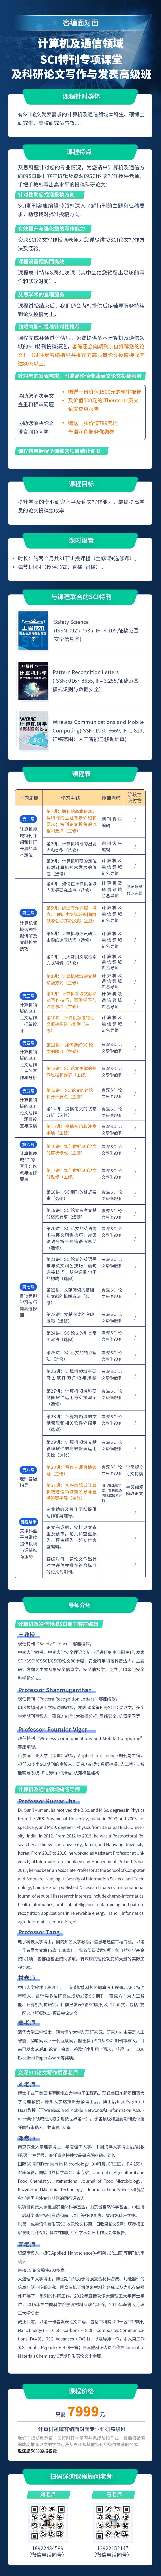 计算机及通讯特刊小班课程课程详情页-何雪仪-20210420.png